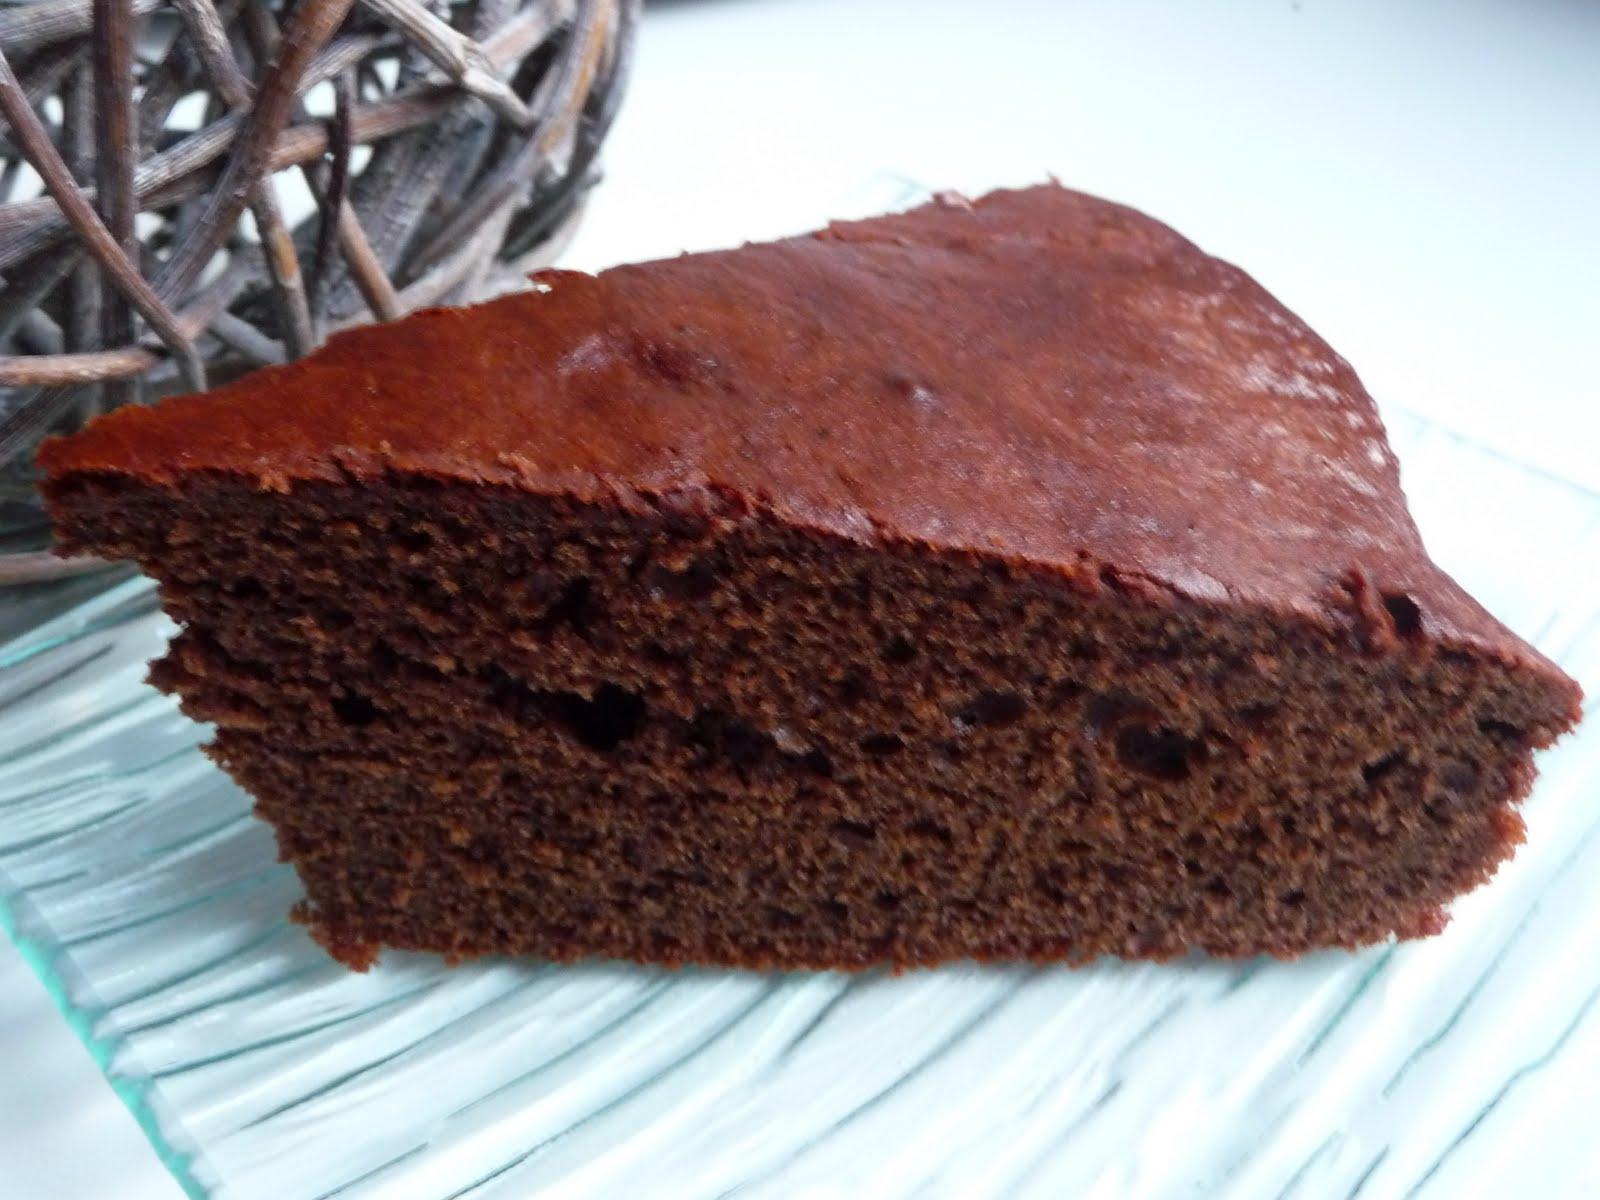 Bien connu Papilles On/Off: Gâteau au chocolat et fromage blanc au thermomix HH03